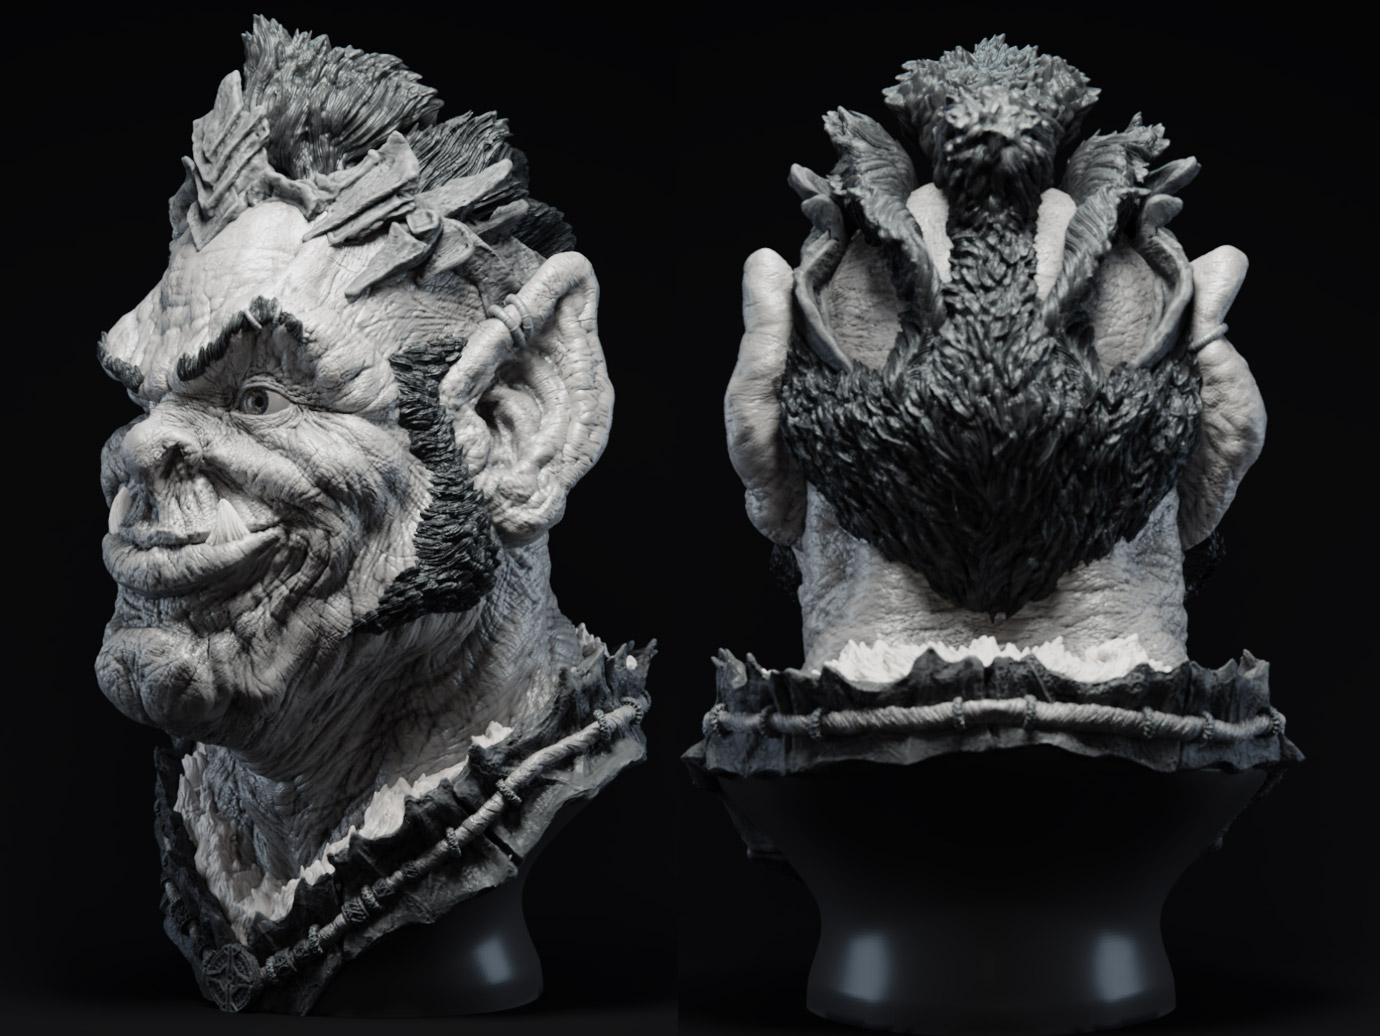 Thingiverse_Orc_Angle_Rear_01.jpg Télécharger fichier STL gratuit Le chef orc Nakhbruh • Objet imprimable en 3D, bendansie